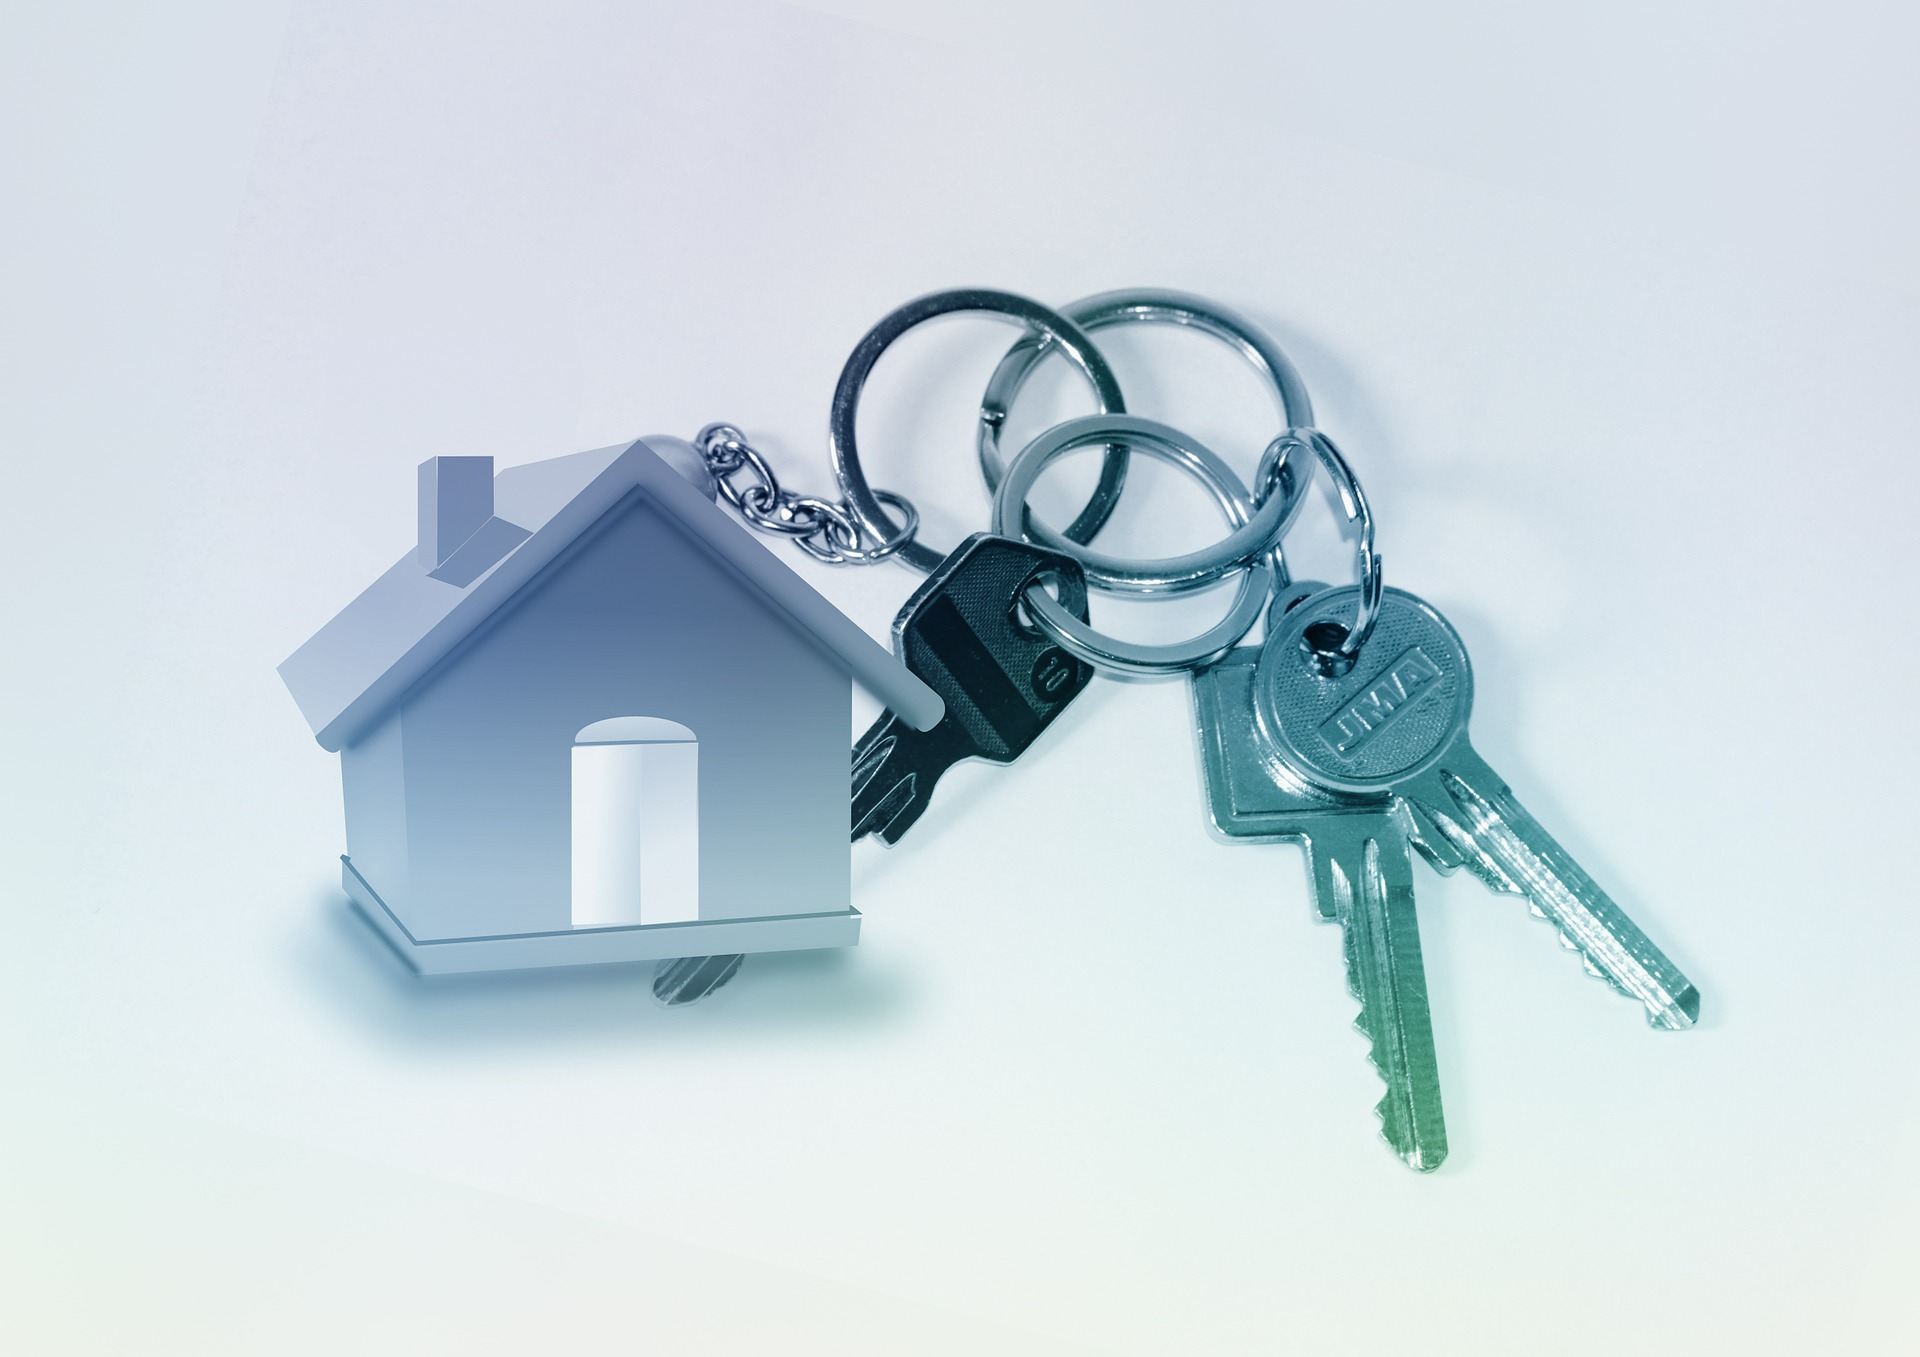 Ein Haus als Schlüsselanhänger an einem Schlüsselbund als Symbol für Gebäudesicherheit